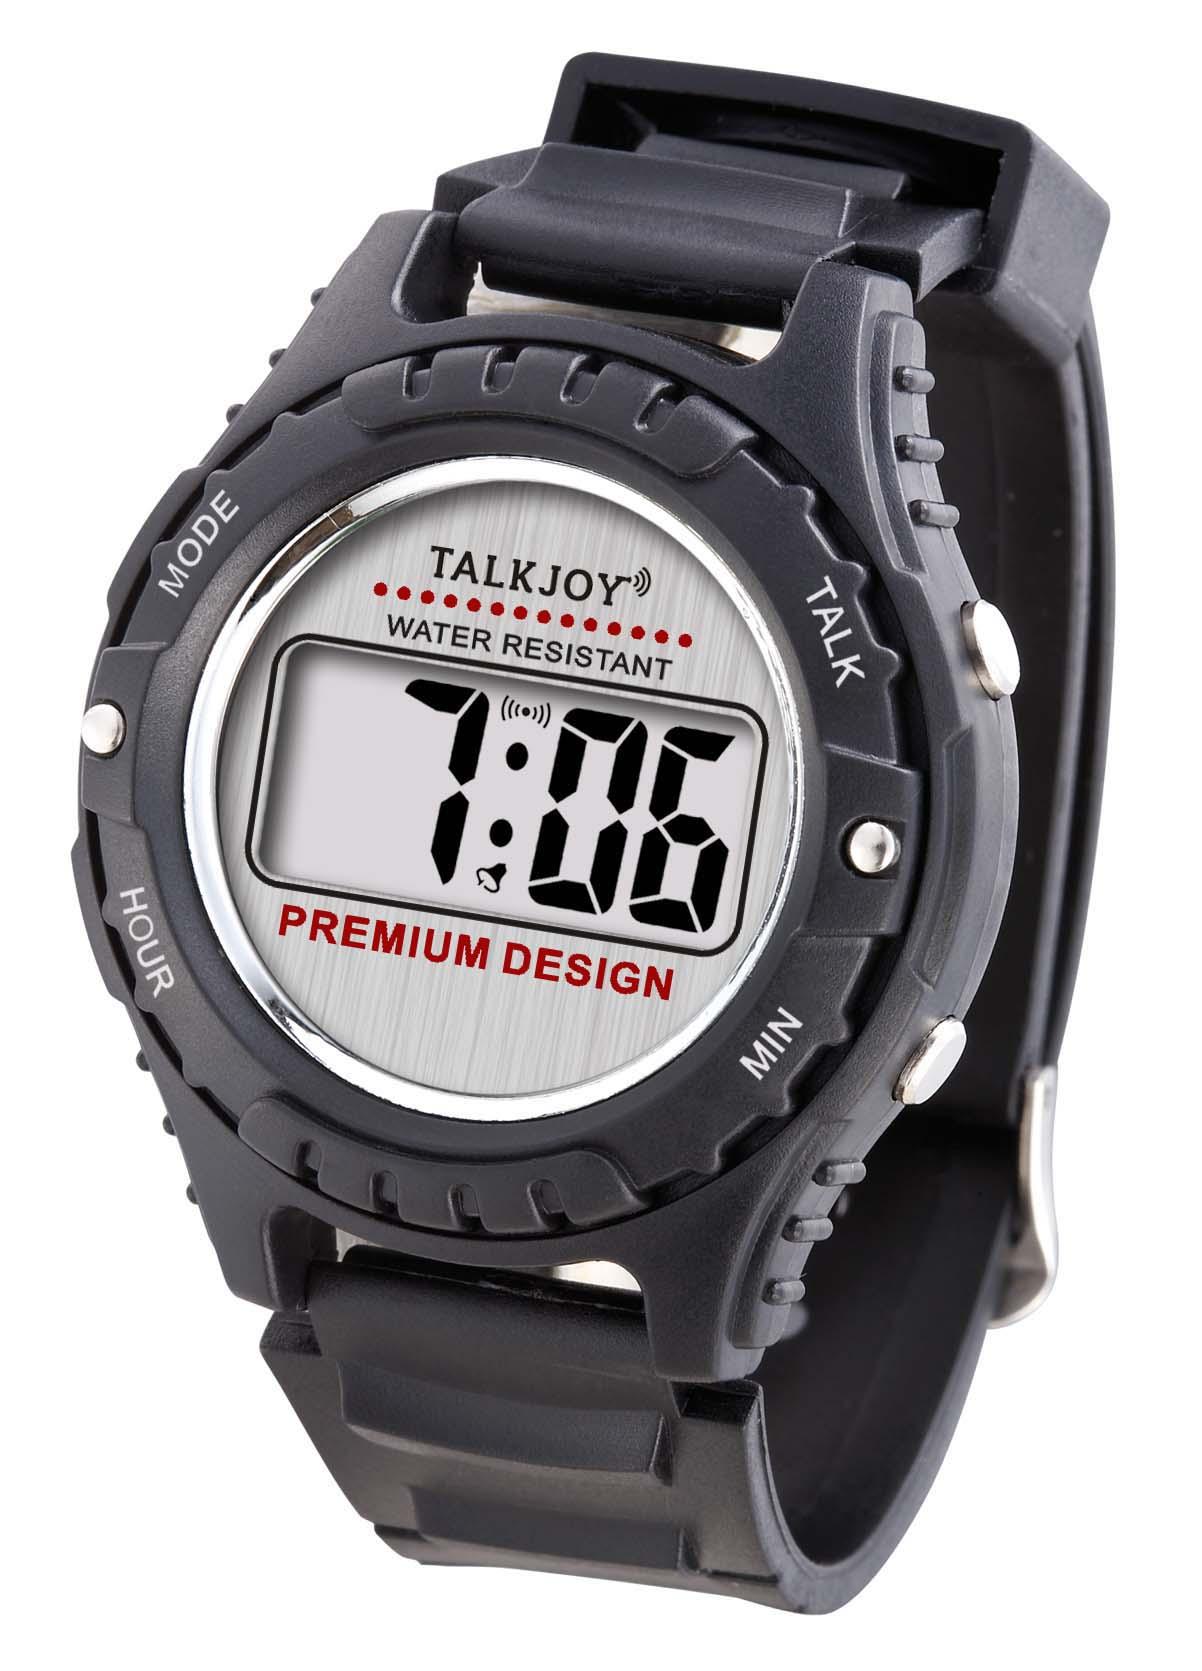 Sport Armbanduhr Sprachfunktion Zeitansage Uhr für Blinde Blindenuhr Wasserfest